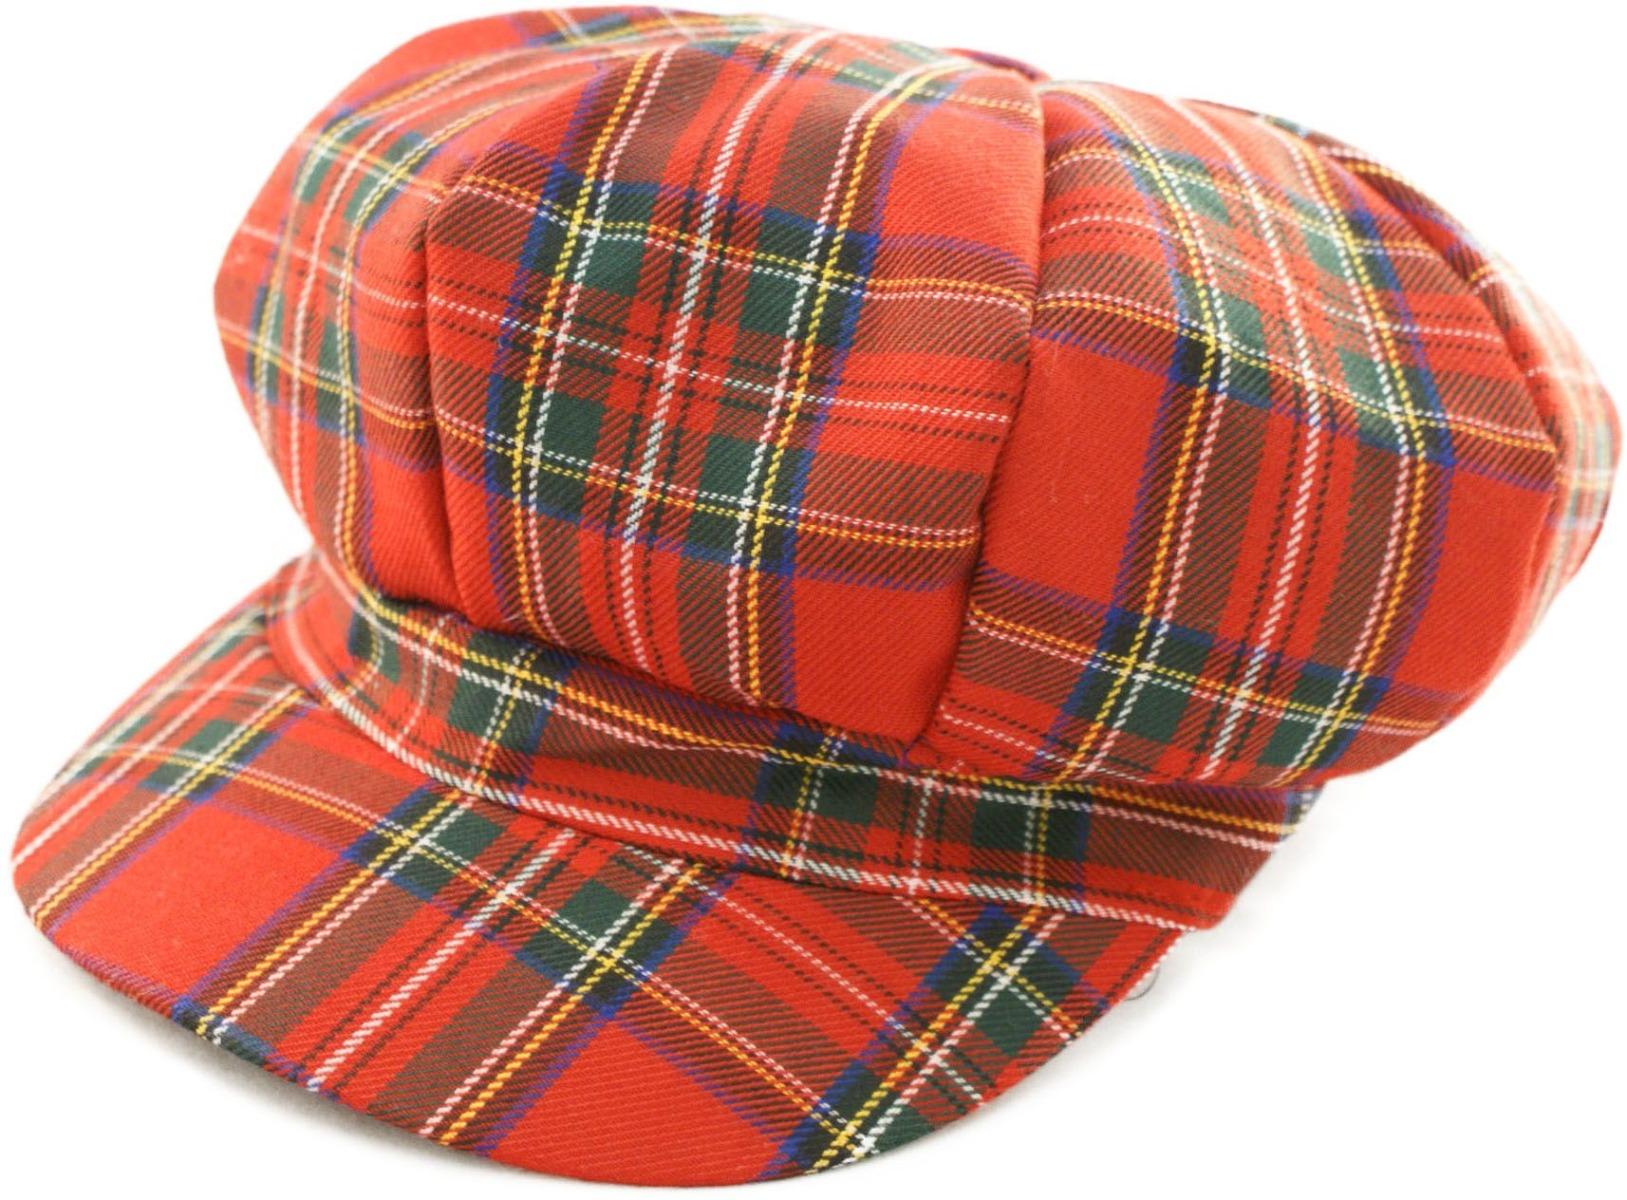 eae1643_chapeau-casquette-pin-up-40-s-50-s-retro-rockabilly-ecossais-rouge